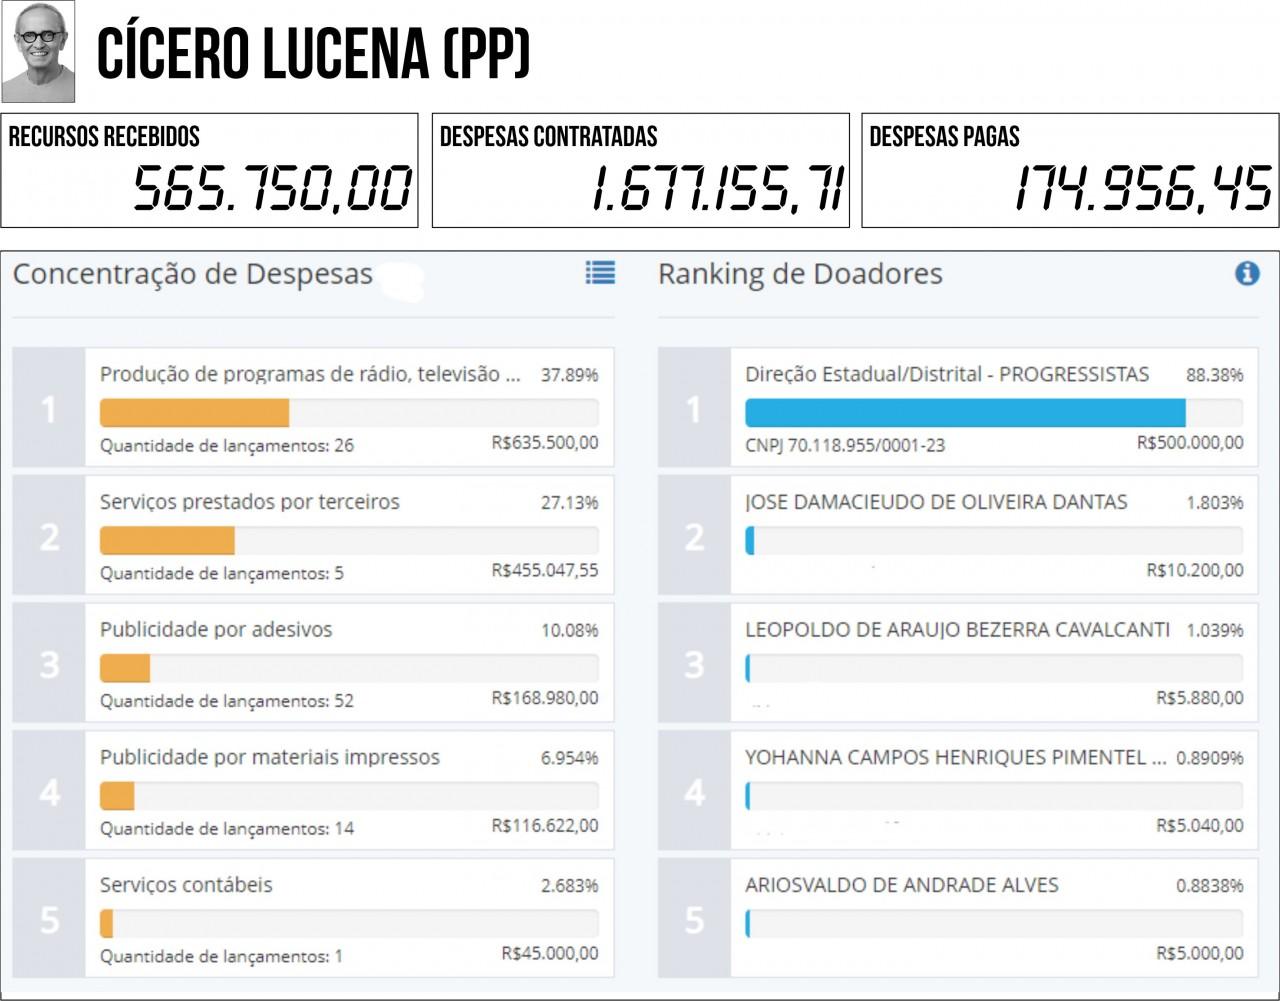 CICERO LUCENA PP - 2ª PRESTAÇÃO DE CONTAS: Seis candidatos à PMJP gastaram mais do que arrecadaram - VEJA QUEM SÃO